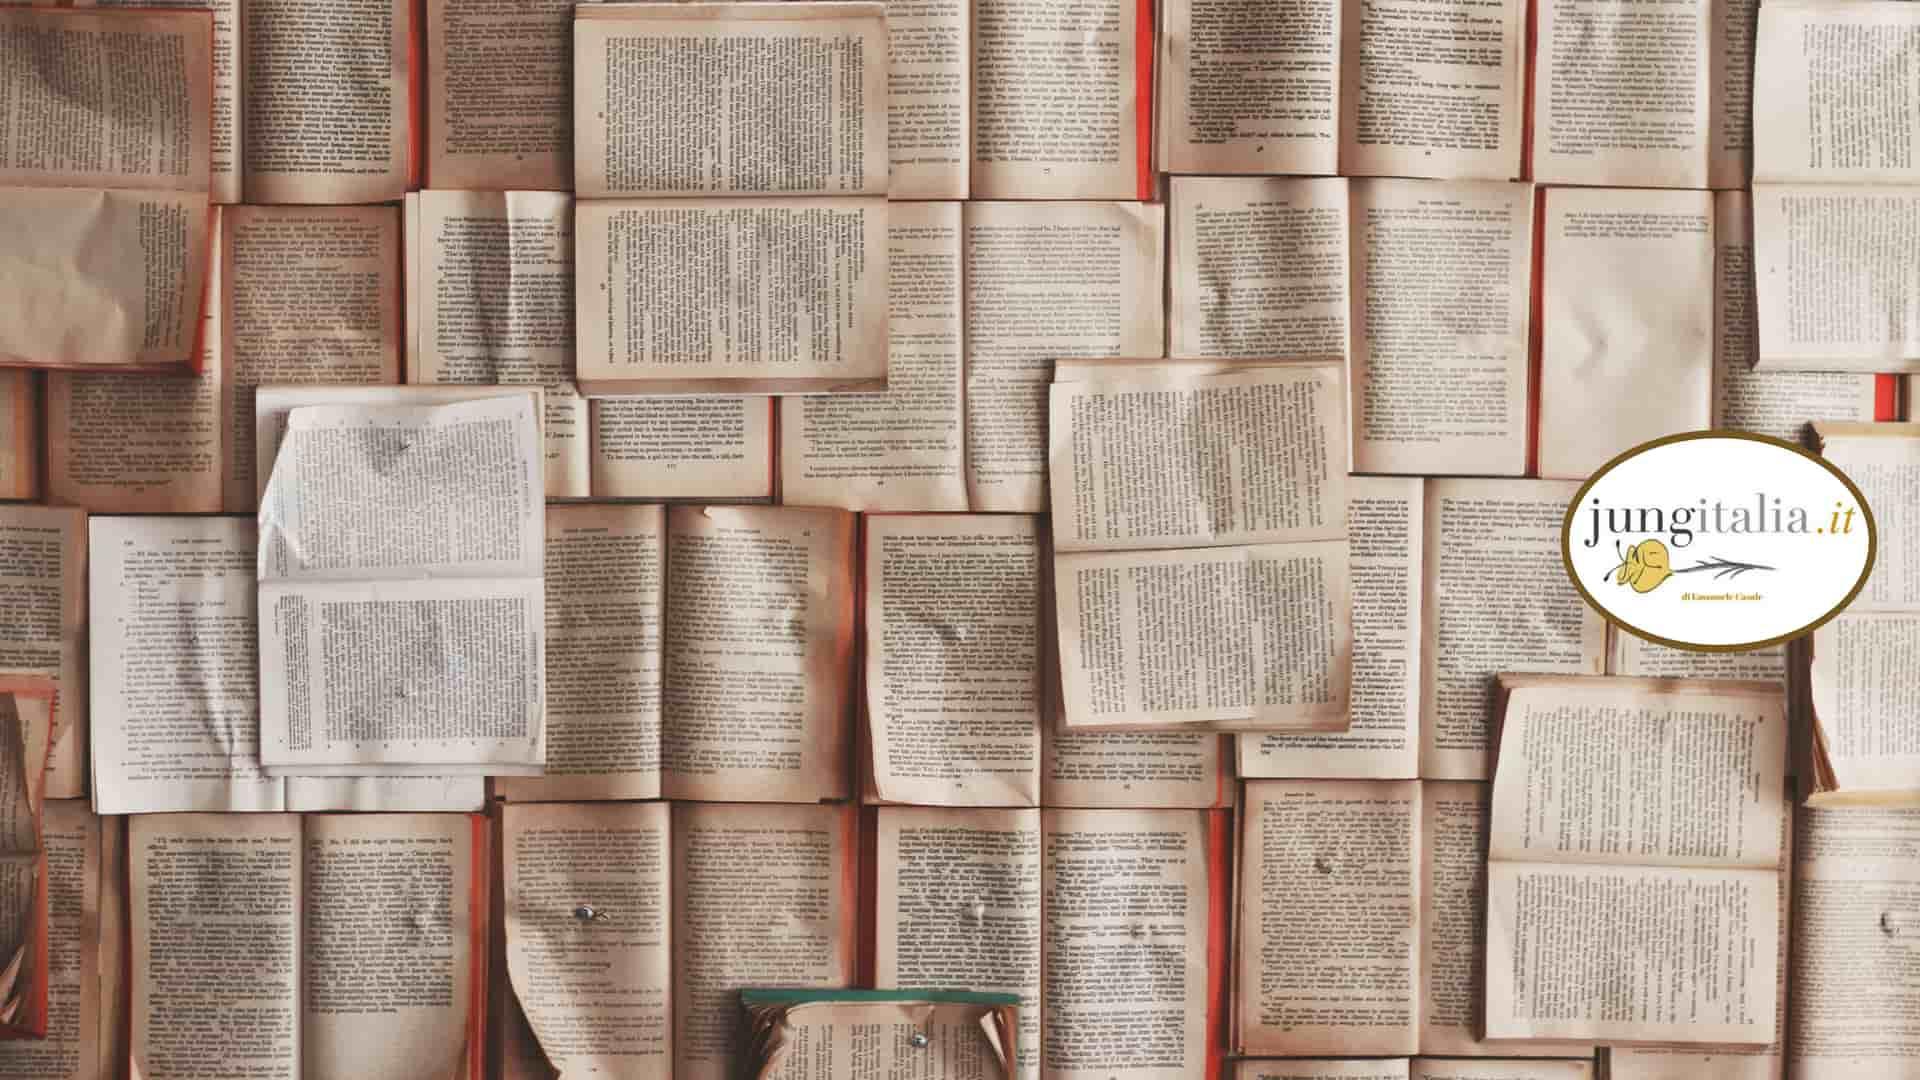 Iniziare psicologia i libri non bastano